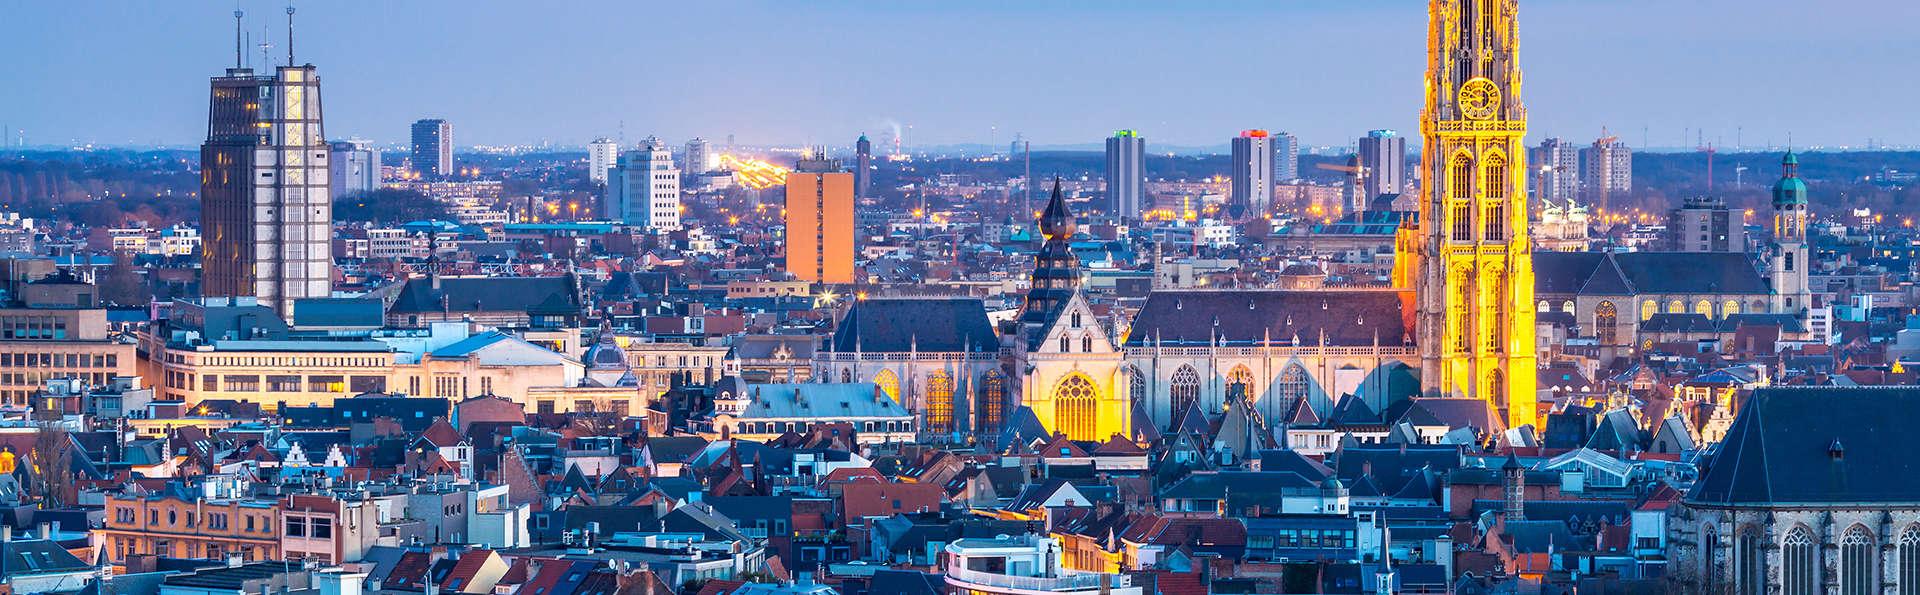 Verblijf dicht bij Antwerpen, perfect om te ontspannen!